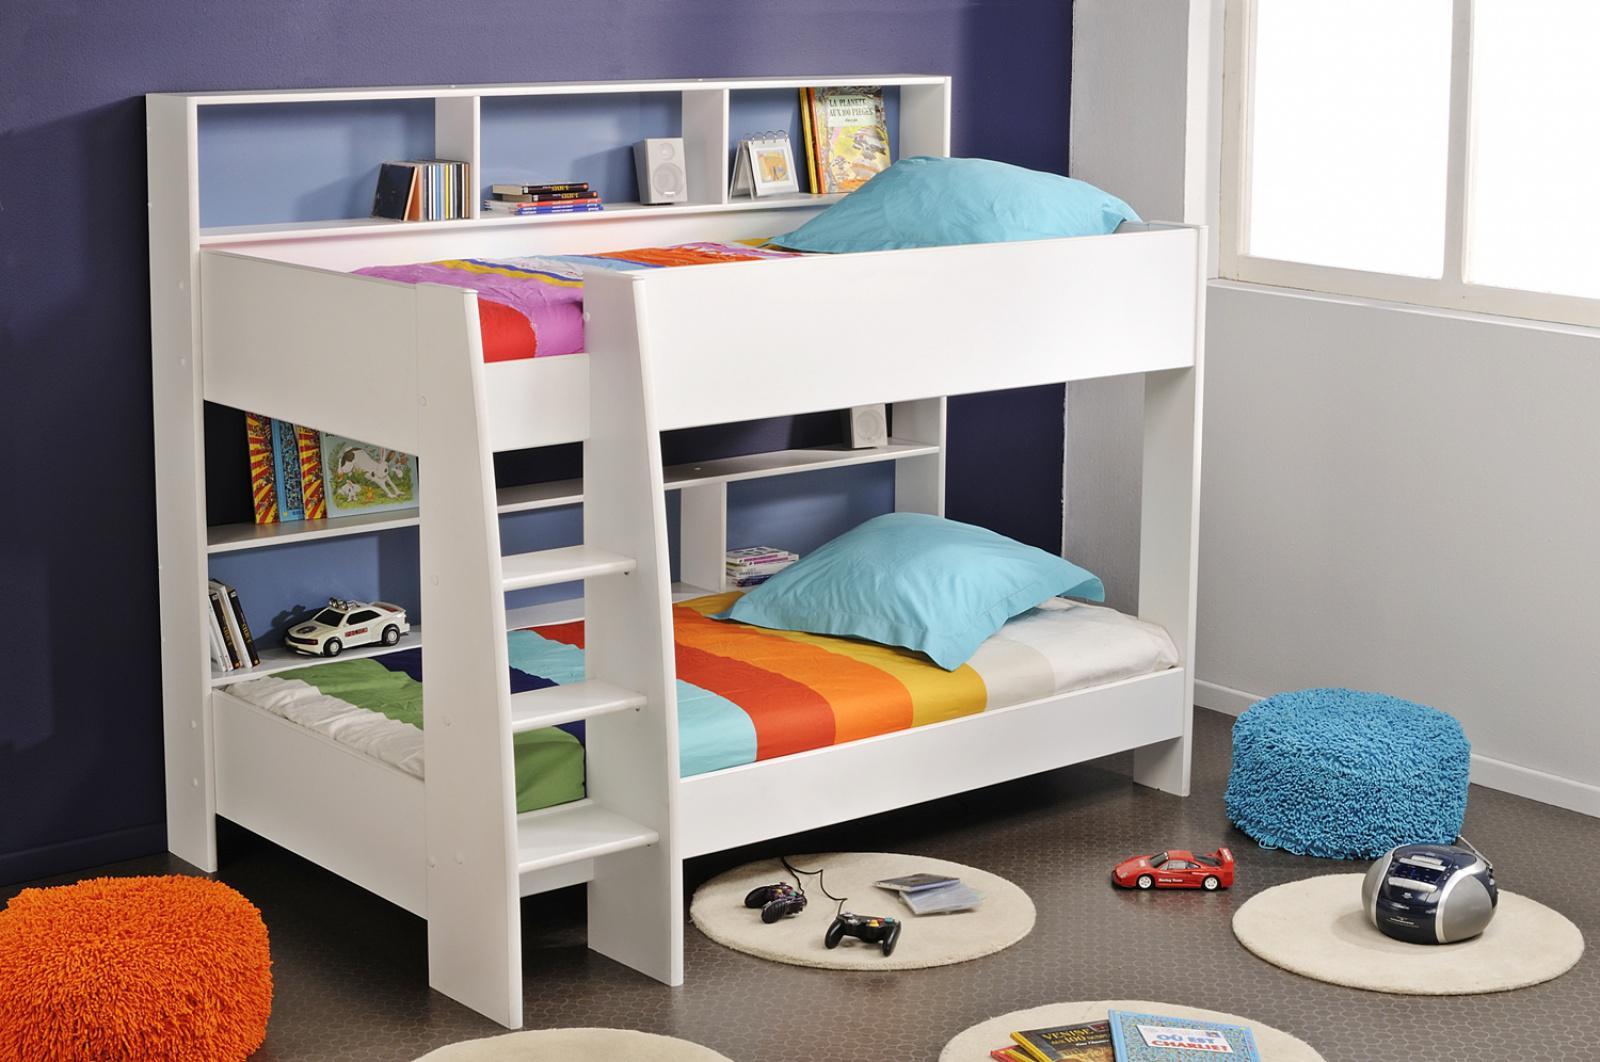 Etagenbett Leiter : Etagenbett in weiß timi mit integrierter leiter kaufen bei möbel lux